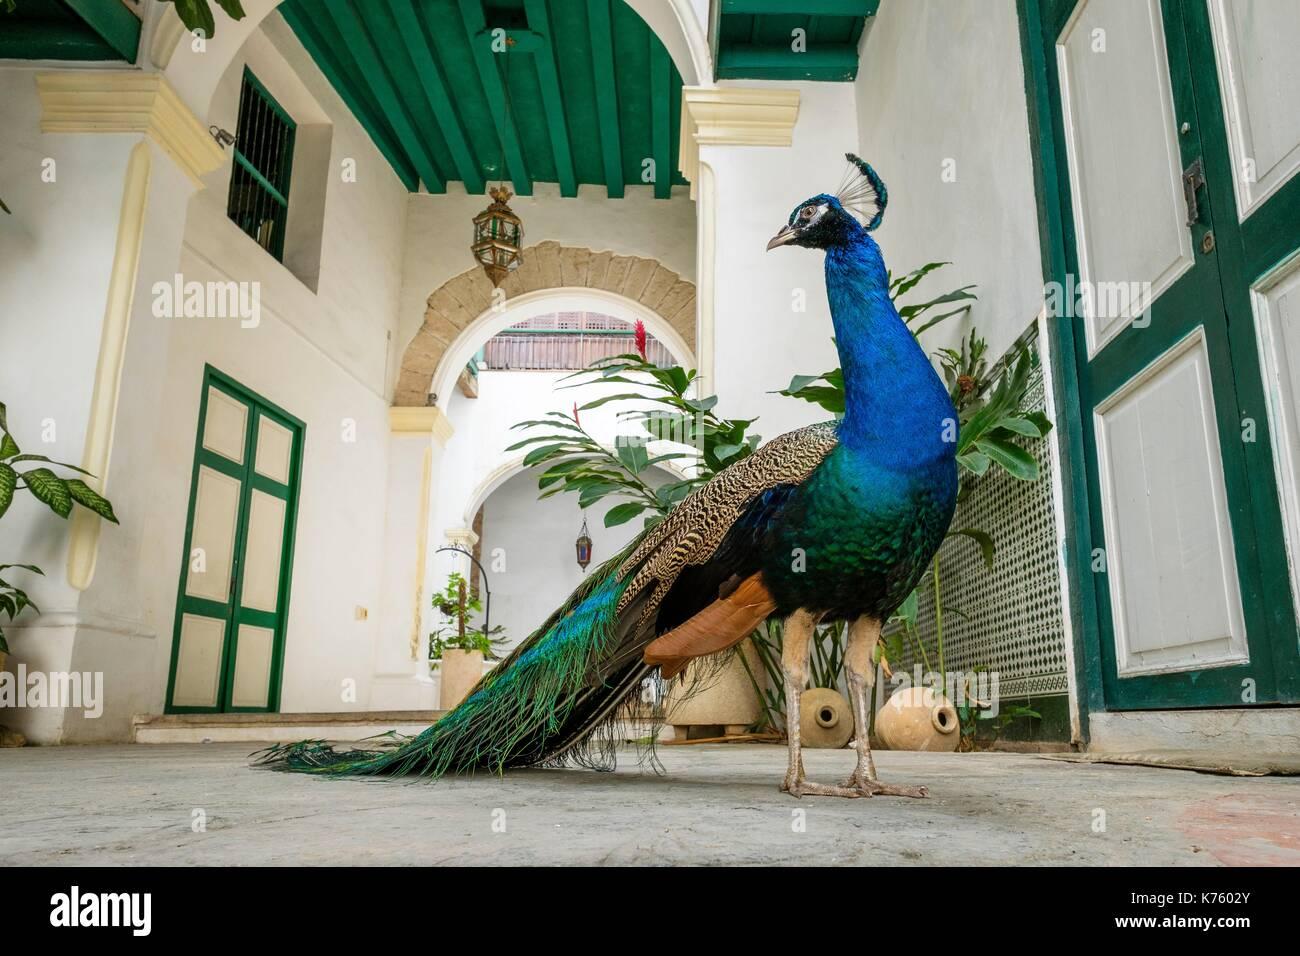 Cuba, La Havane, Habana Vieja (site du patrimoine mondial de l'UNESCO), Calle Oficios, la Casa de los Arabes, 17e siècle bâtiment colonial qui abrite un musée ethnographique Banque D'Images